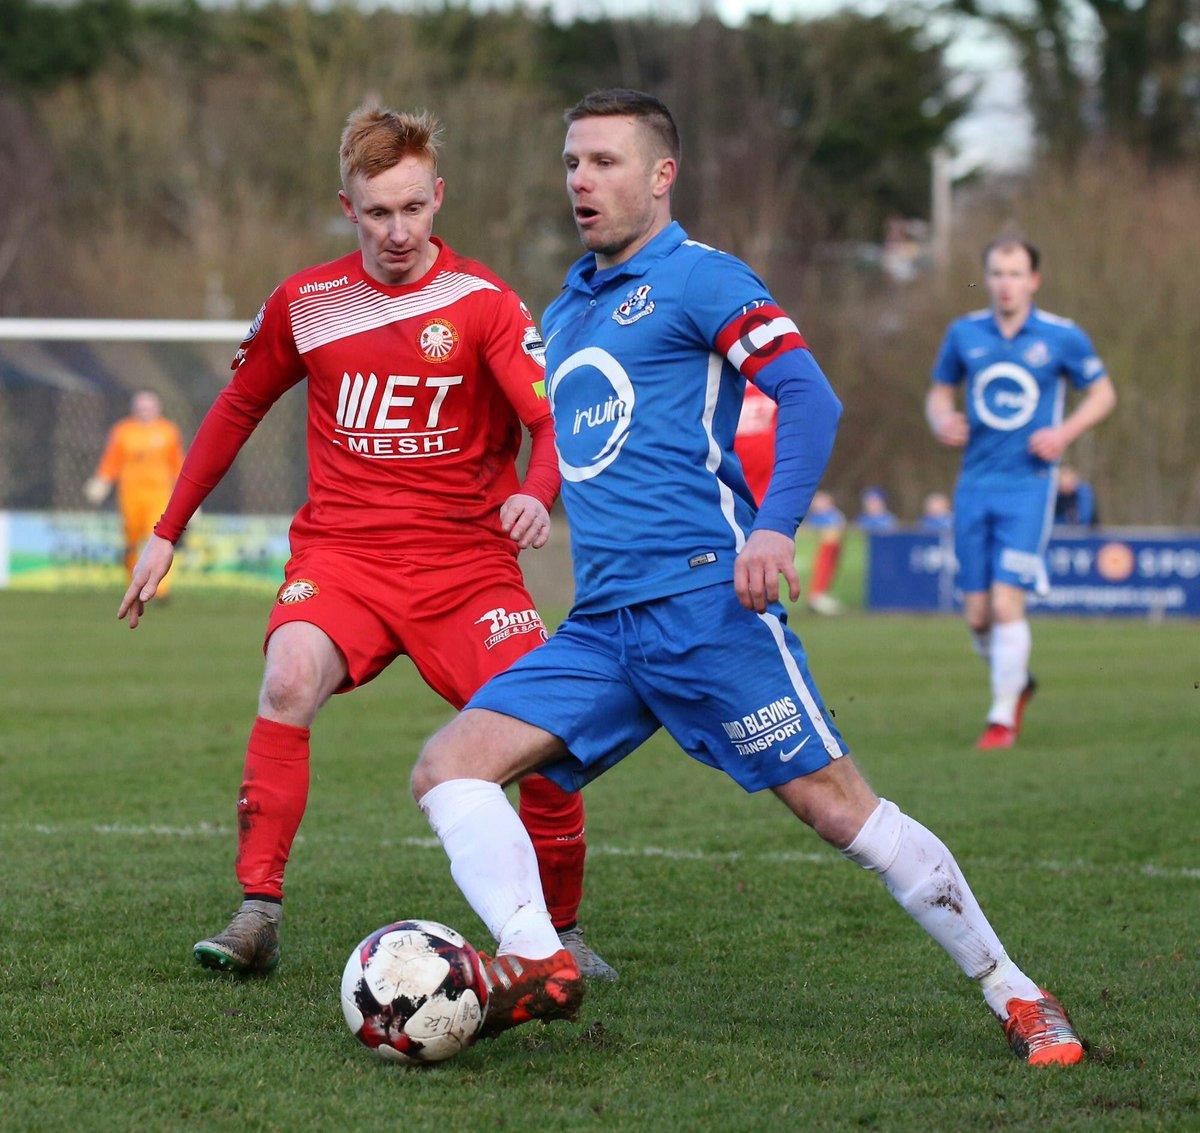 Longford-Galway 3 giugno: si gioca per la 15 esima giornata della Serie B irlandese. Si affrontano 2 squadre in crisi di risultati.